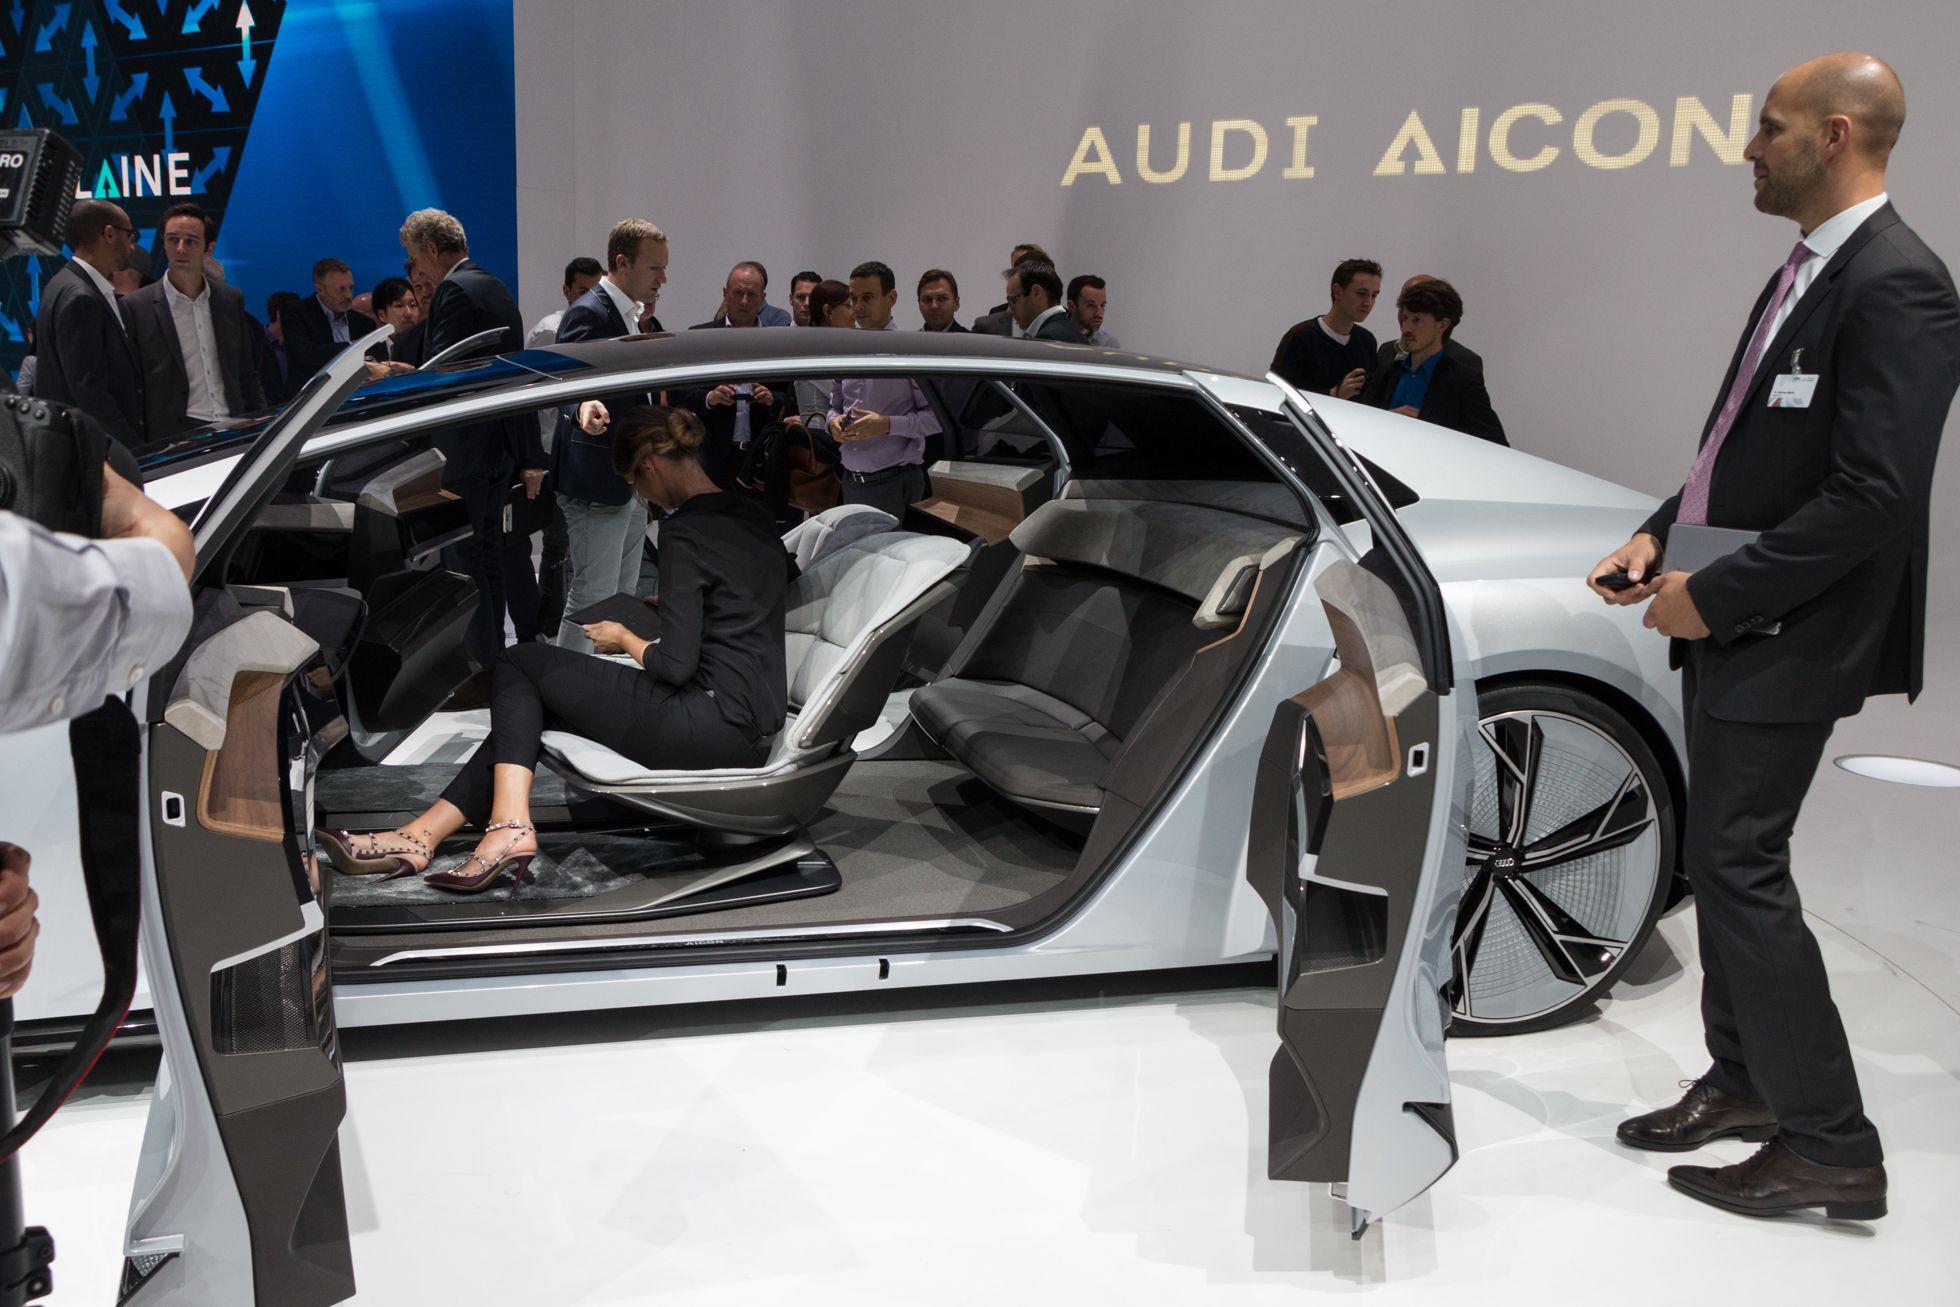 Autonomes Fahren: Audi stellt Konzepte für das fahrerlose Auto vor -